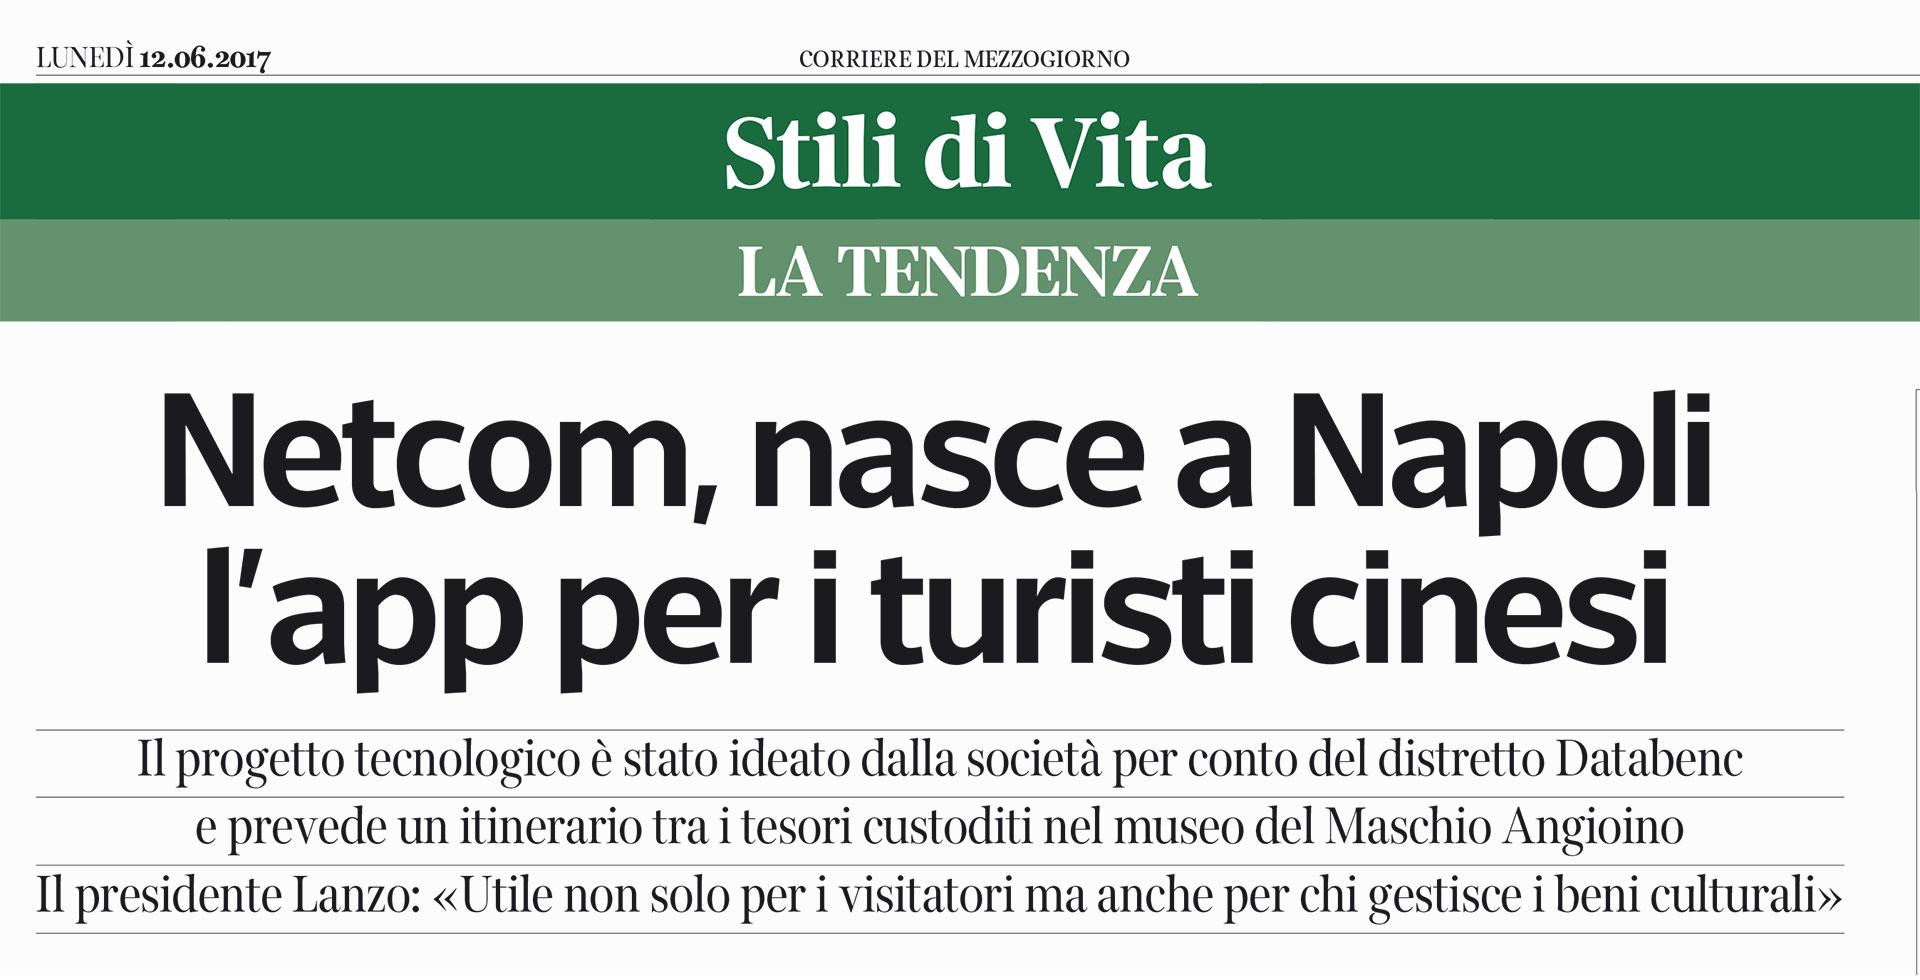 NETCOM, NASCE A NAPOLI L'APP PER I TURISTI CINESI